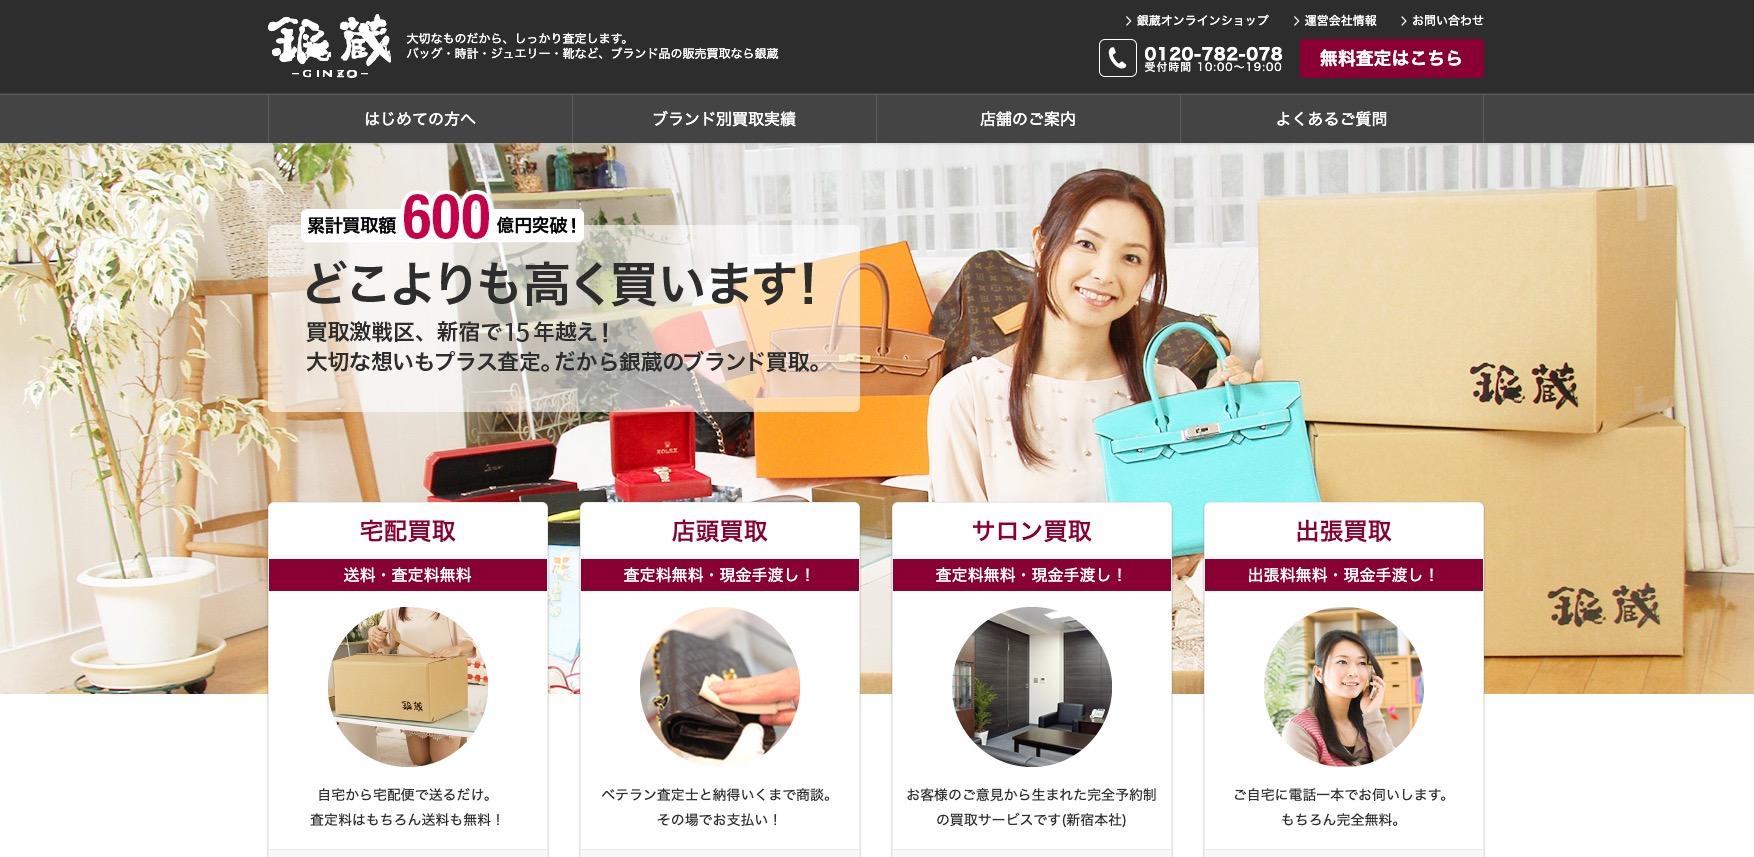 銀蔵のブランド買取公式ページの画像